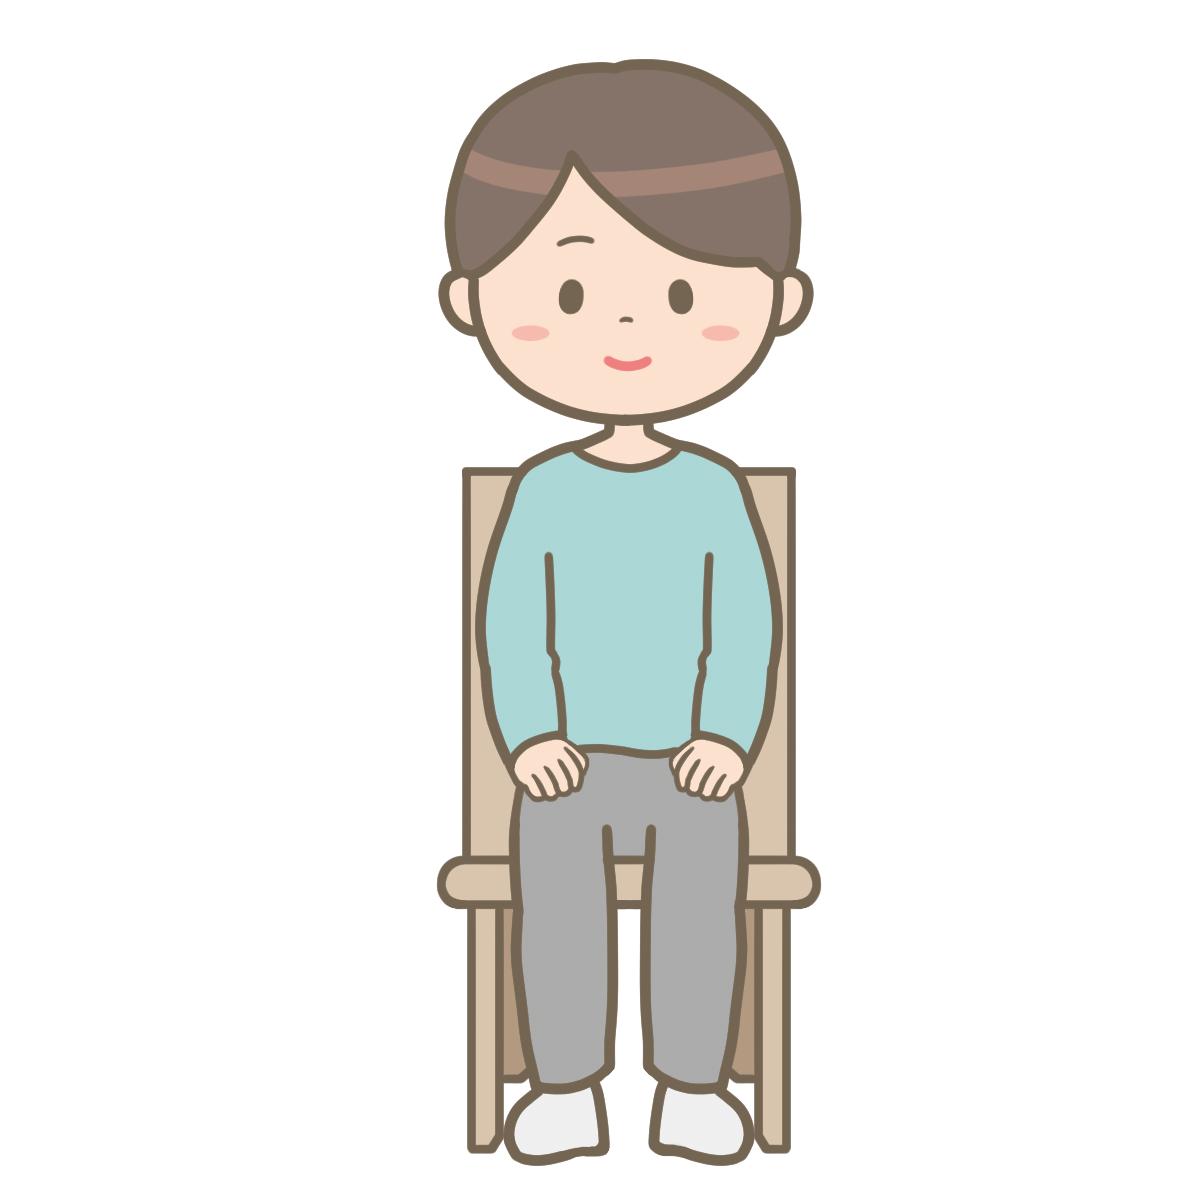 椅子 イラスト 座る Amrowebdesigners Com